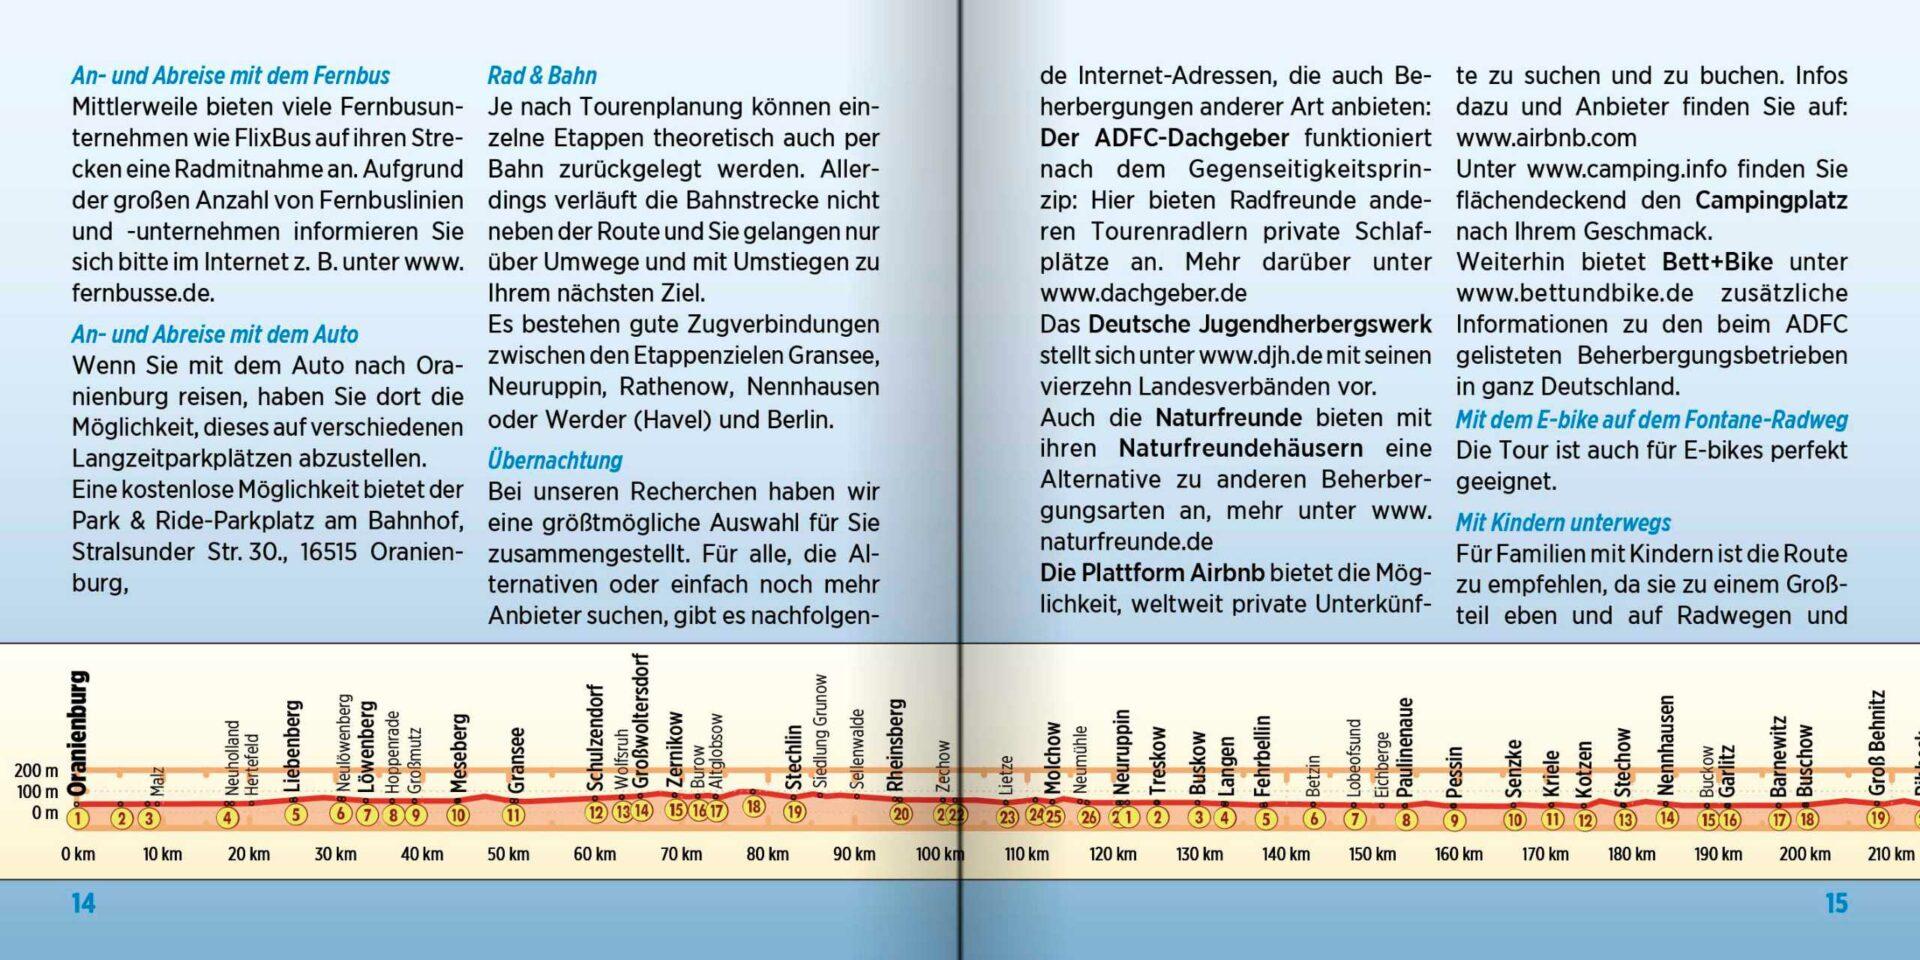 Radtourenbuch kompakt - Ansichtsseite 14+15